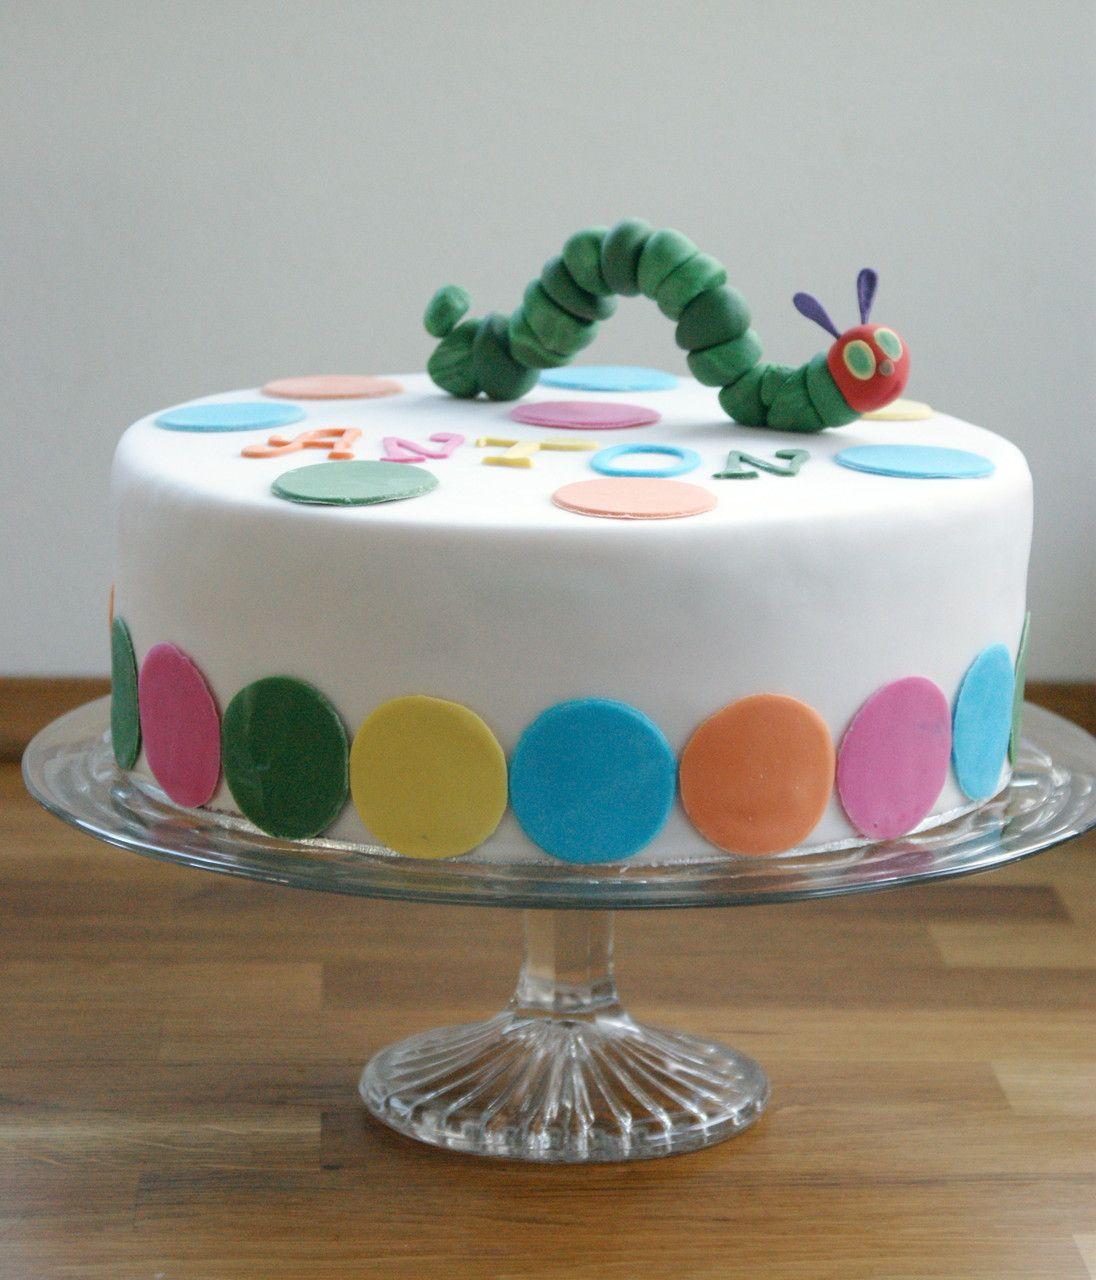 Torte - Kleine Raupe Nimmersatt | Torte Kindergeburtstag mit Geburtstagskuchen 2 Geburtstag